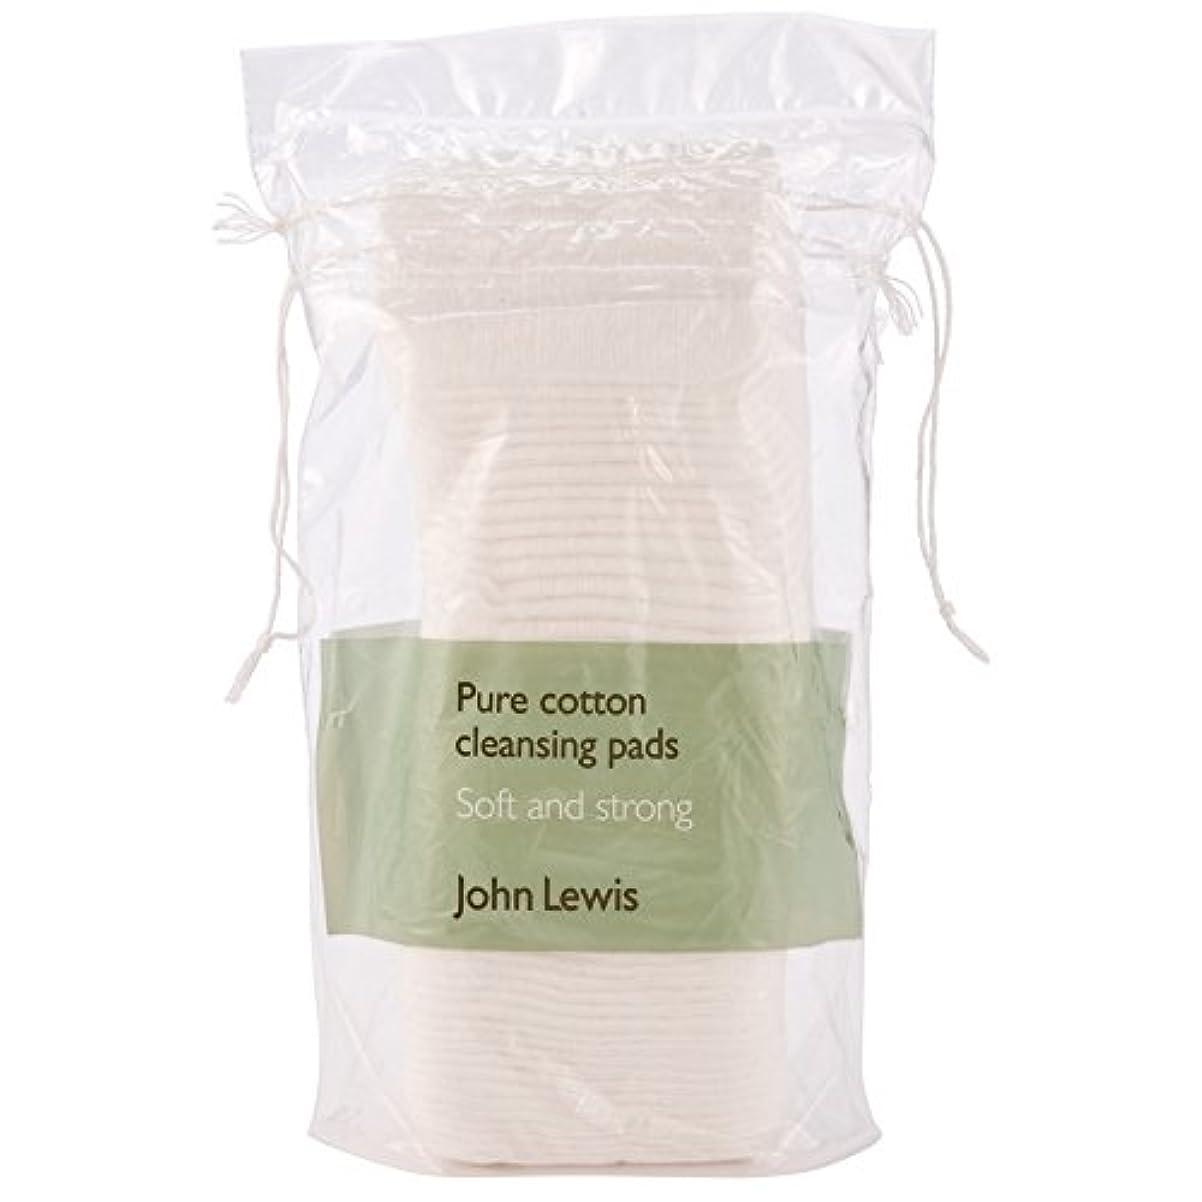 繊毛有名スーダンジョン?ルイス純粋な綿のクレンジングパッド×50 (John Lewis) - John Lewis Pure Cotton Cleansing Pads x 50 [並行輸入品]